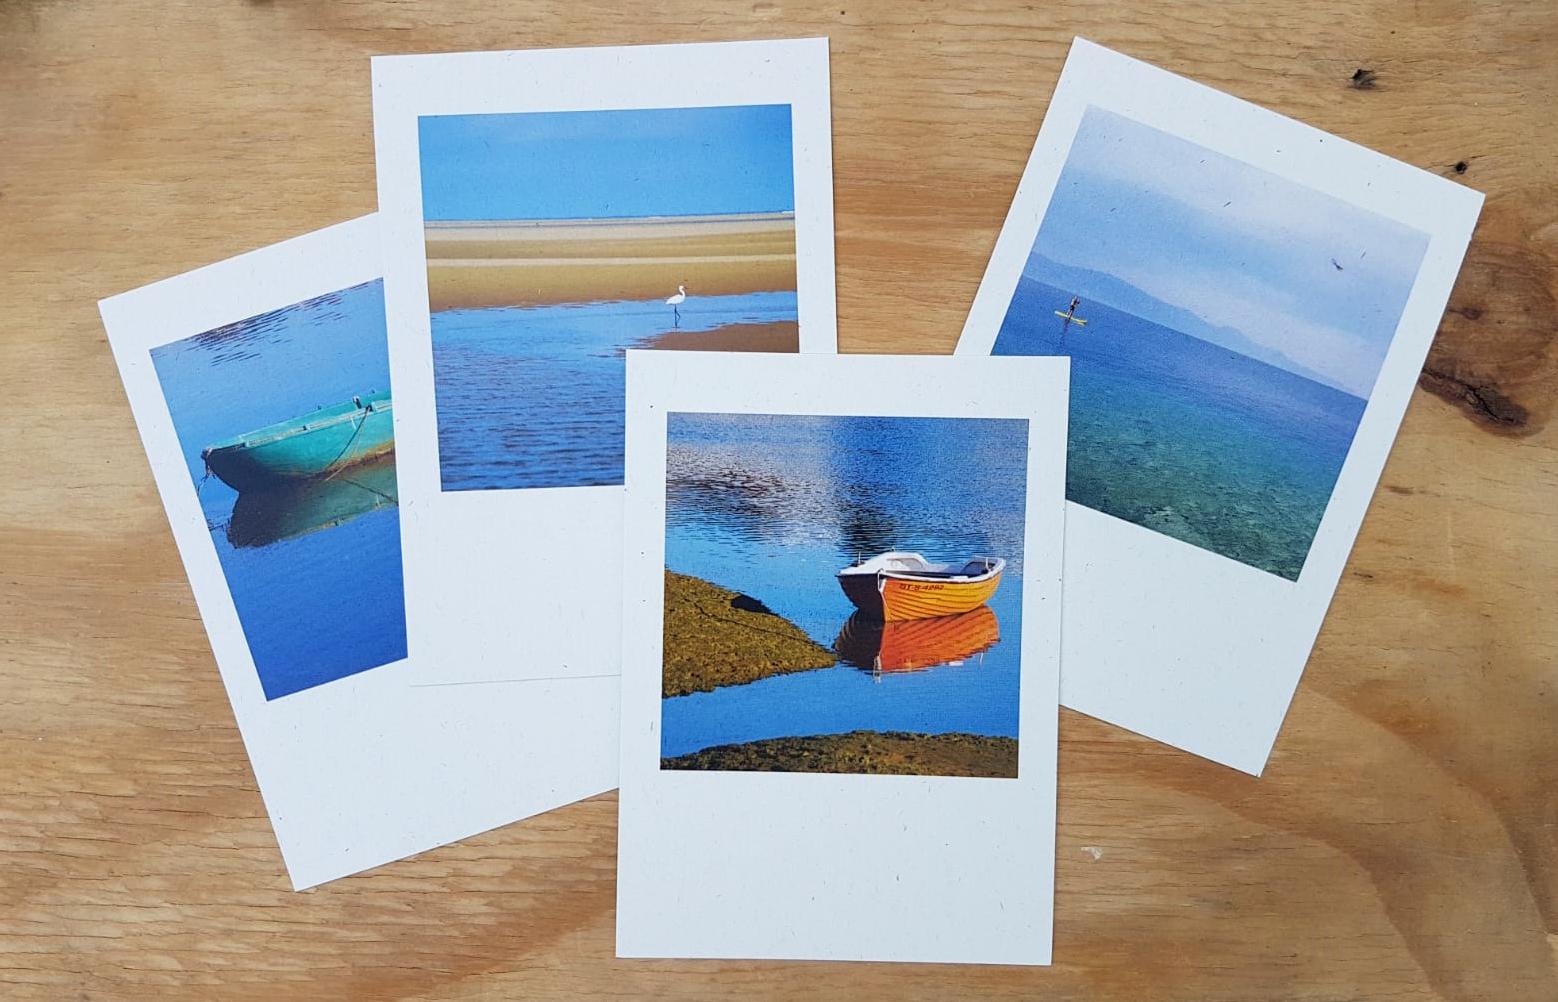 כרטיסי ברכה, שנה טובה, גלויות, תמונה גלויה, ניצן שתרוג, גלויות מעוצבות